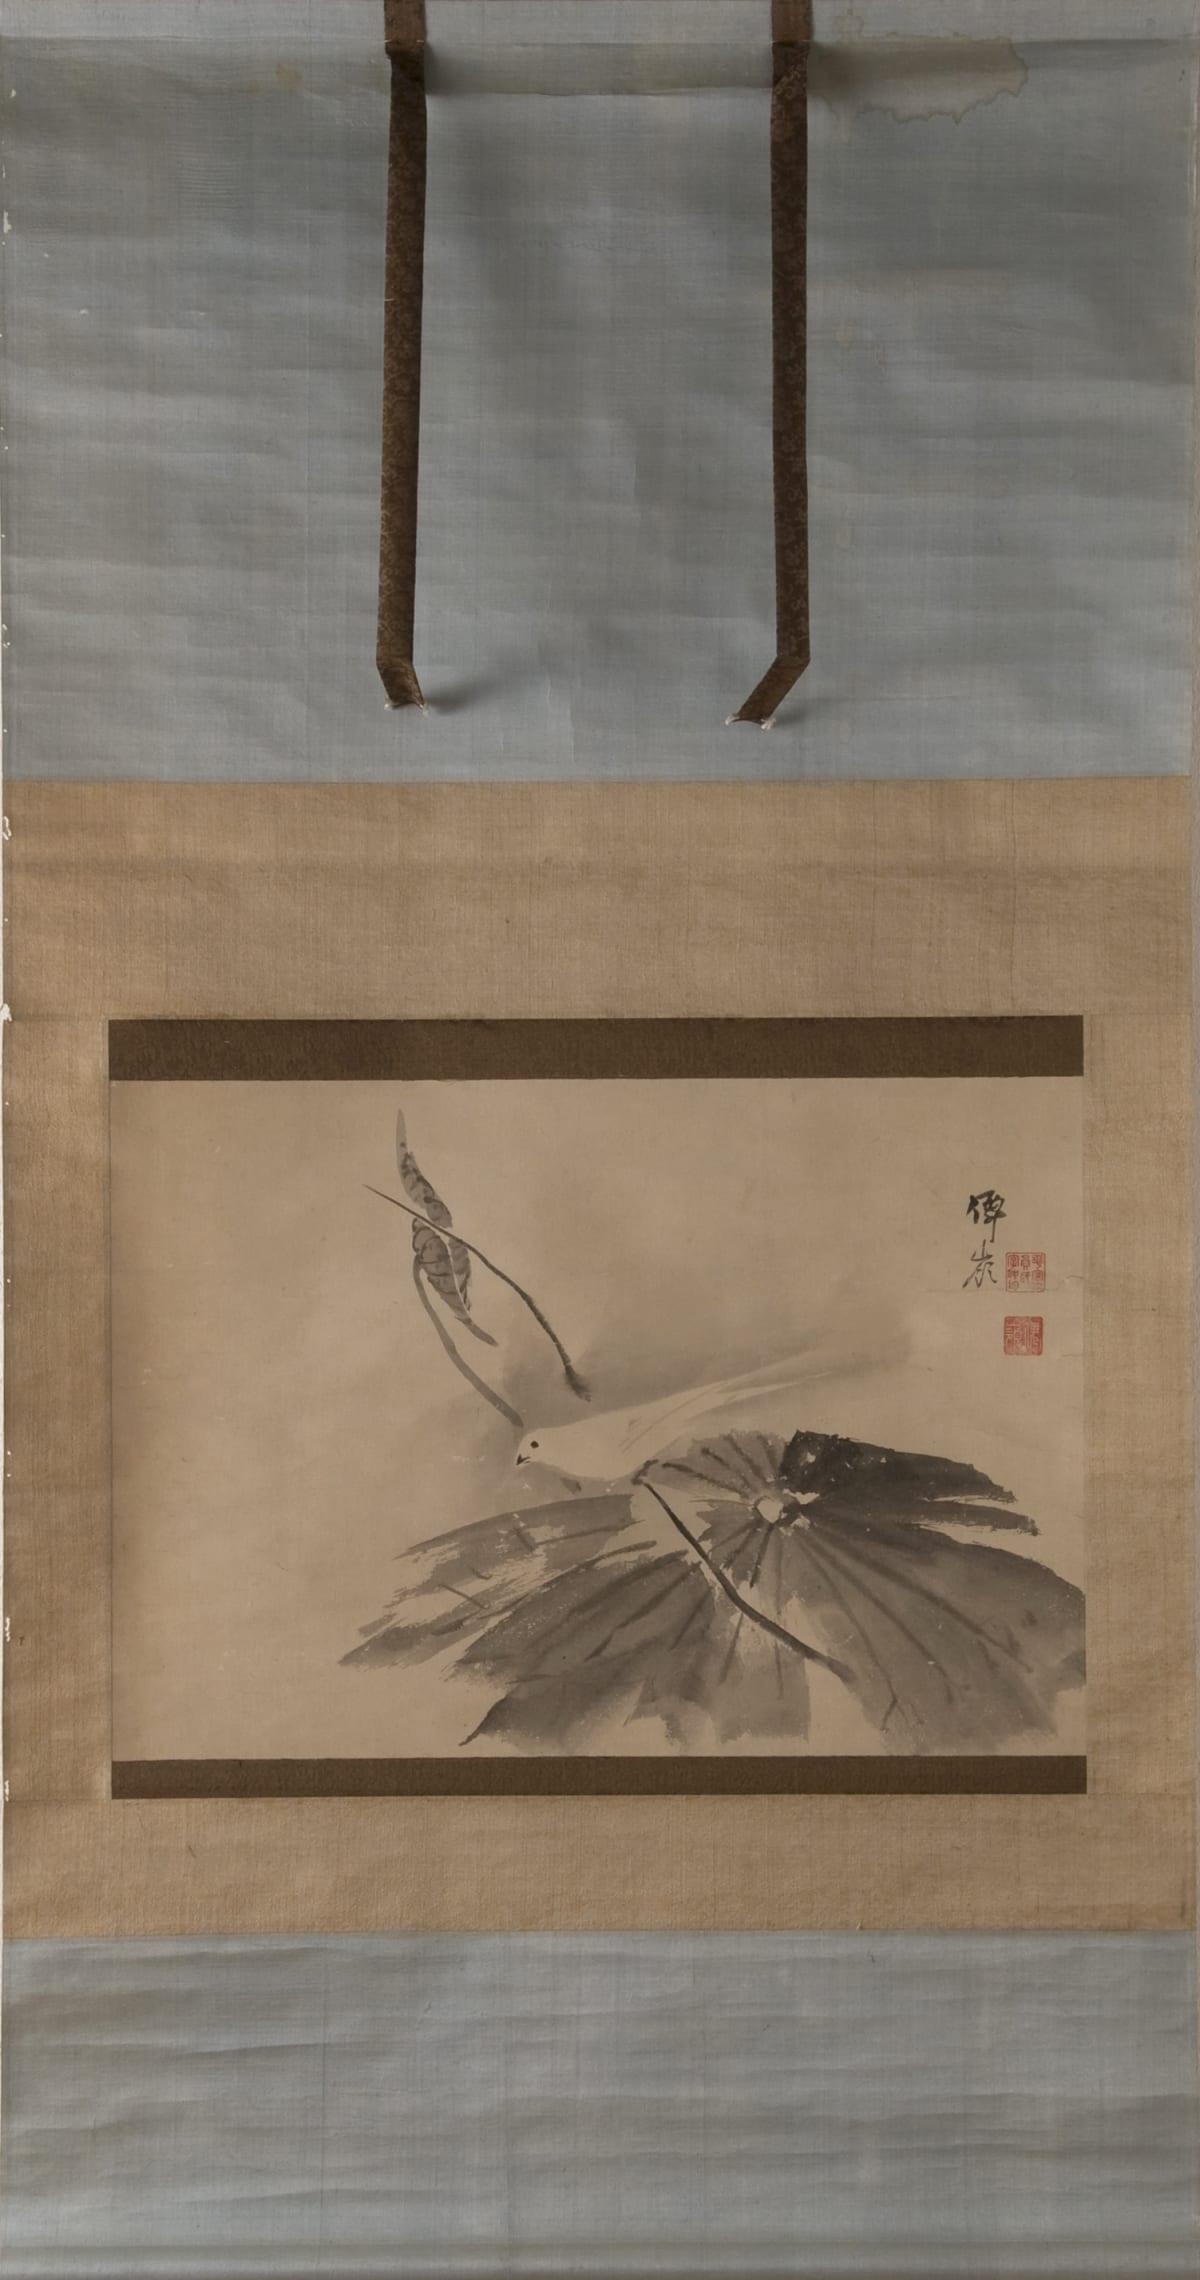 Okyo Maruyama (1733-1795), Bird on lotus leaf (hasu leaf), ca.1750-60